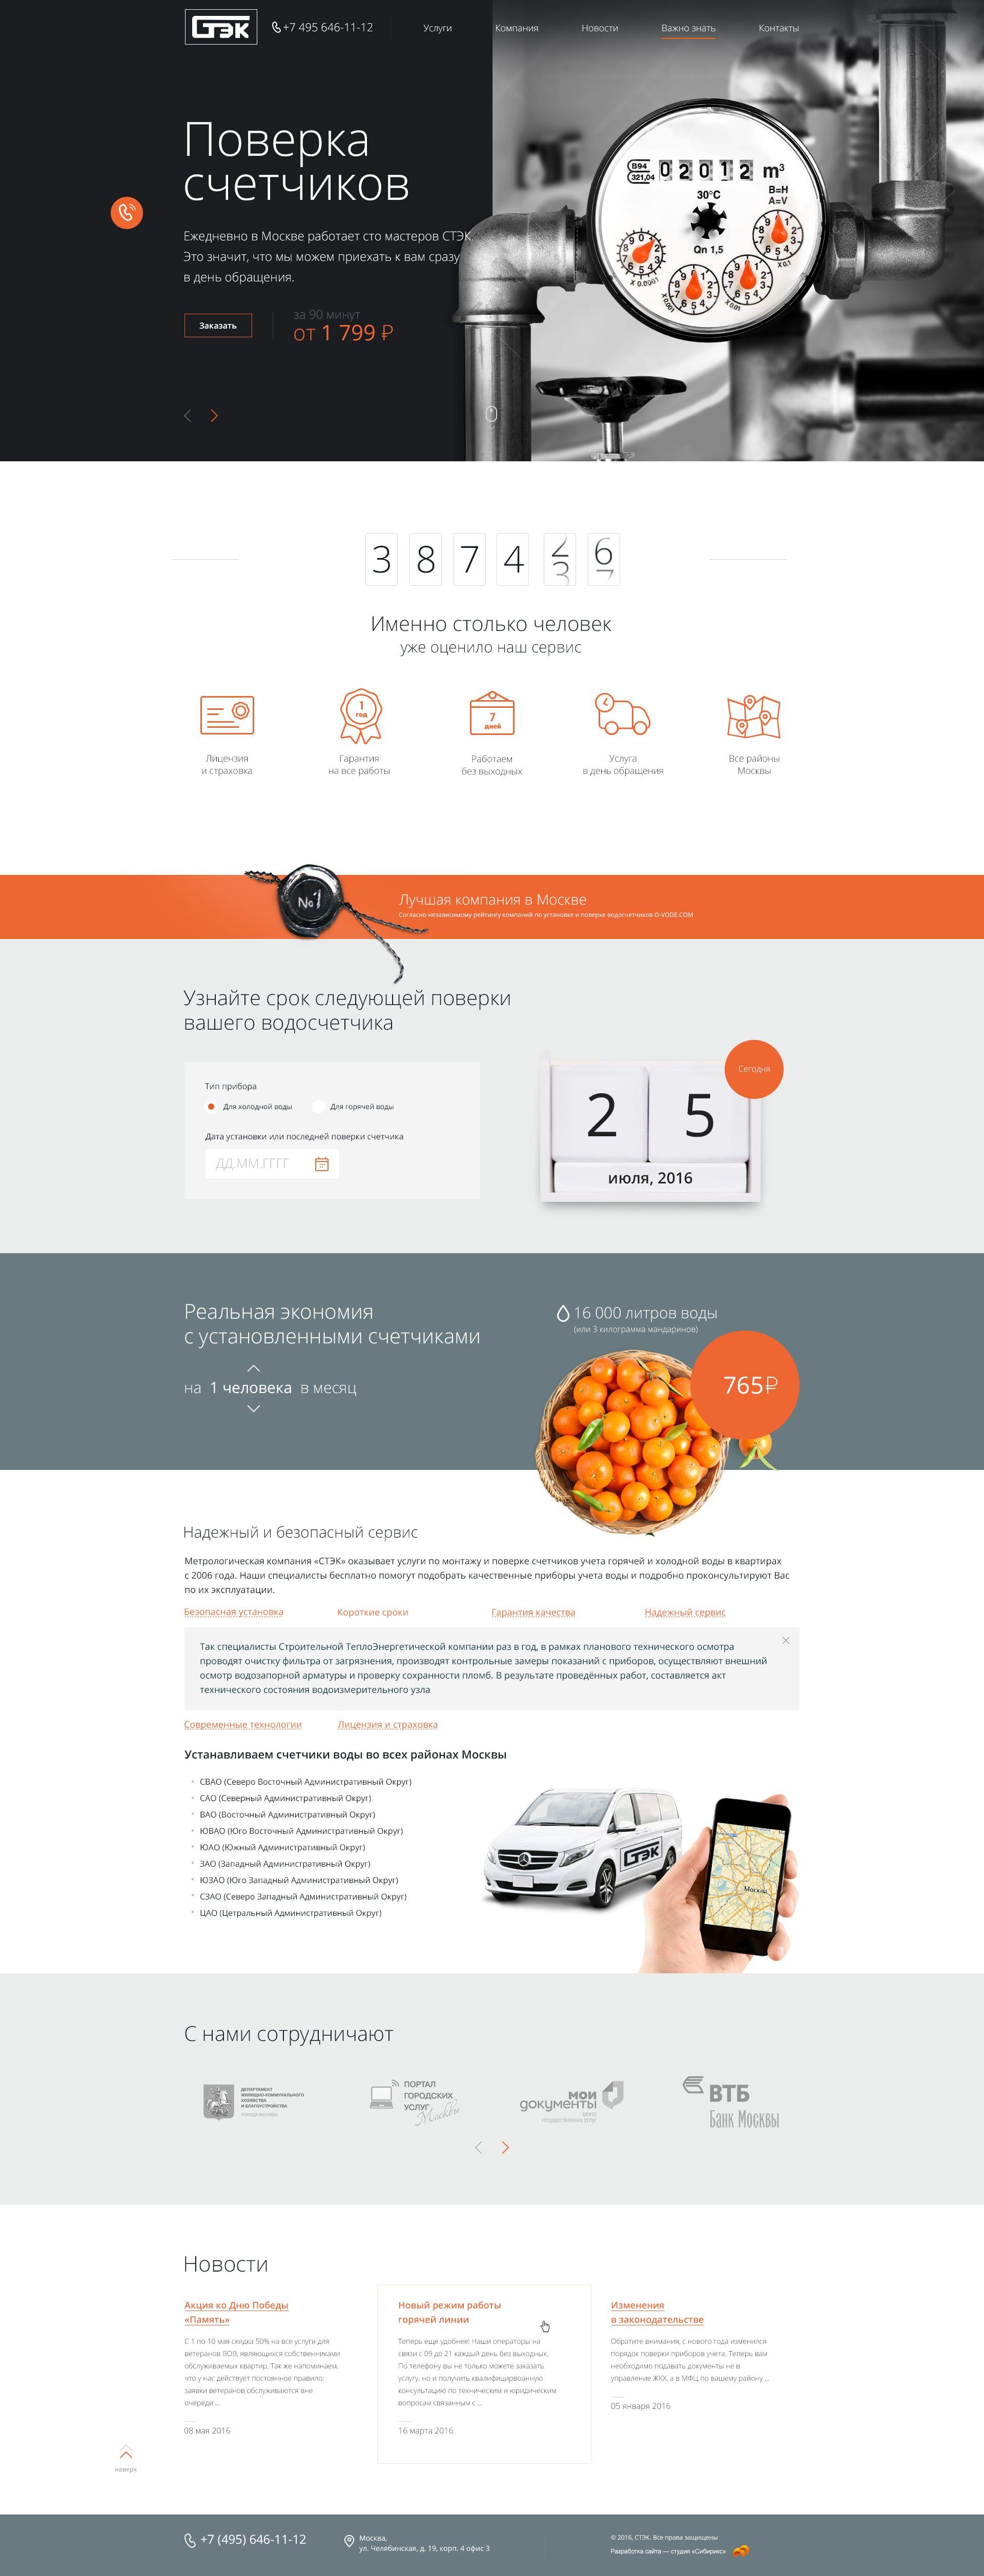 <p><b>Главная страница просто ипонятно рассказывает, чем занимается компания «СТЭК» ипочему она нужна заказчику.</b></p><p>Чтобы сложная информация усваивалась легче, мыдобавили насайт интерактивные блоки, скоторыми взаимодействуют пользователи.</p>